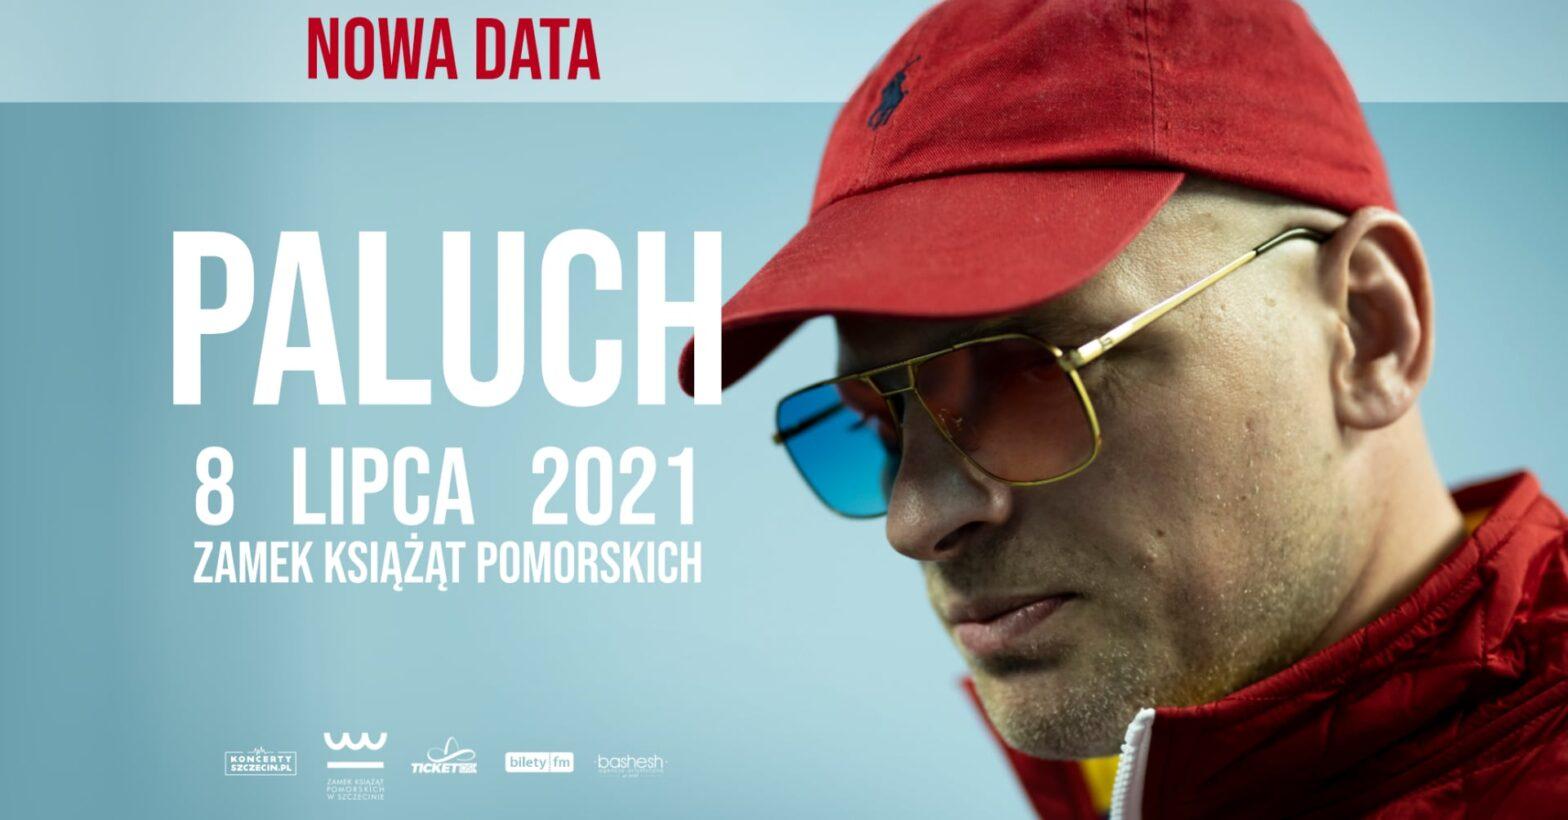 Paluch koncert lipiec 2021 w Szczecinie